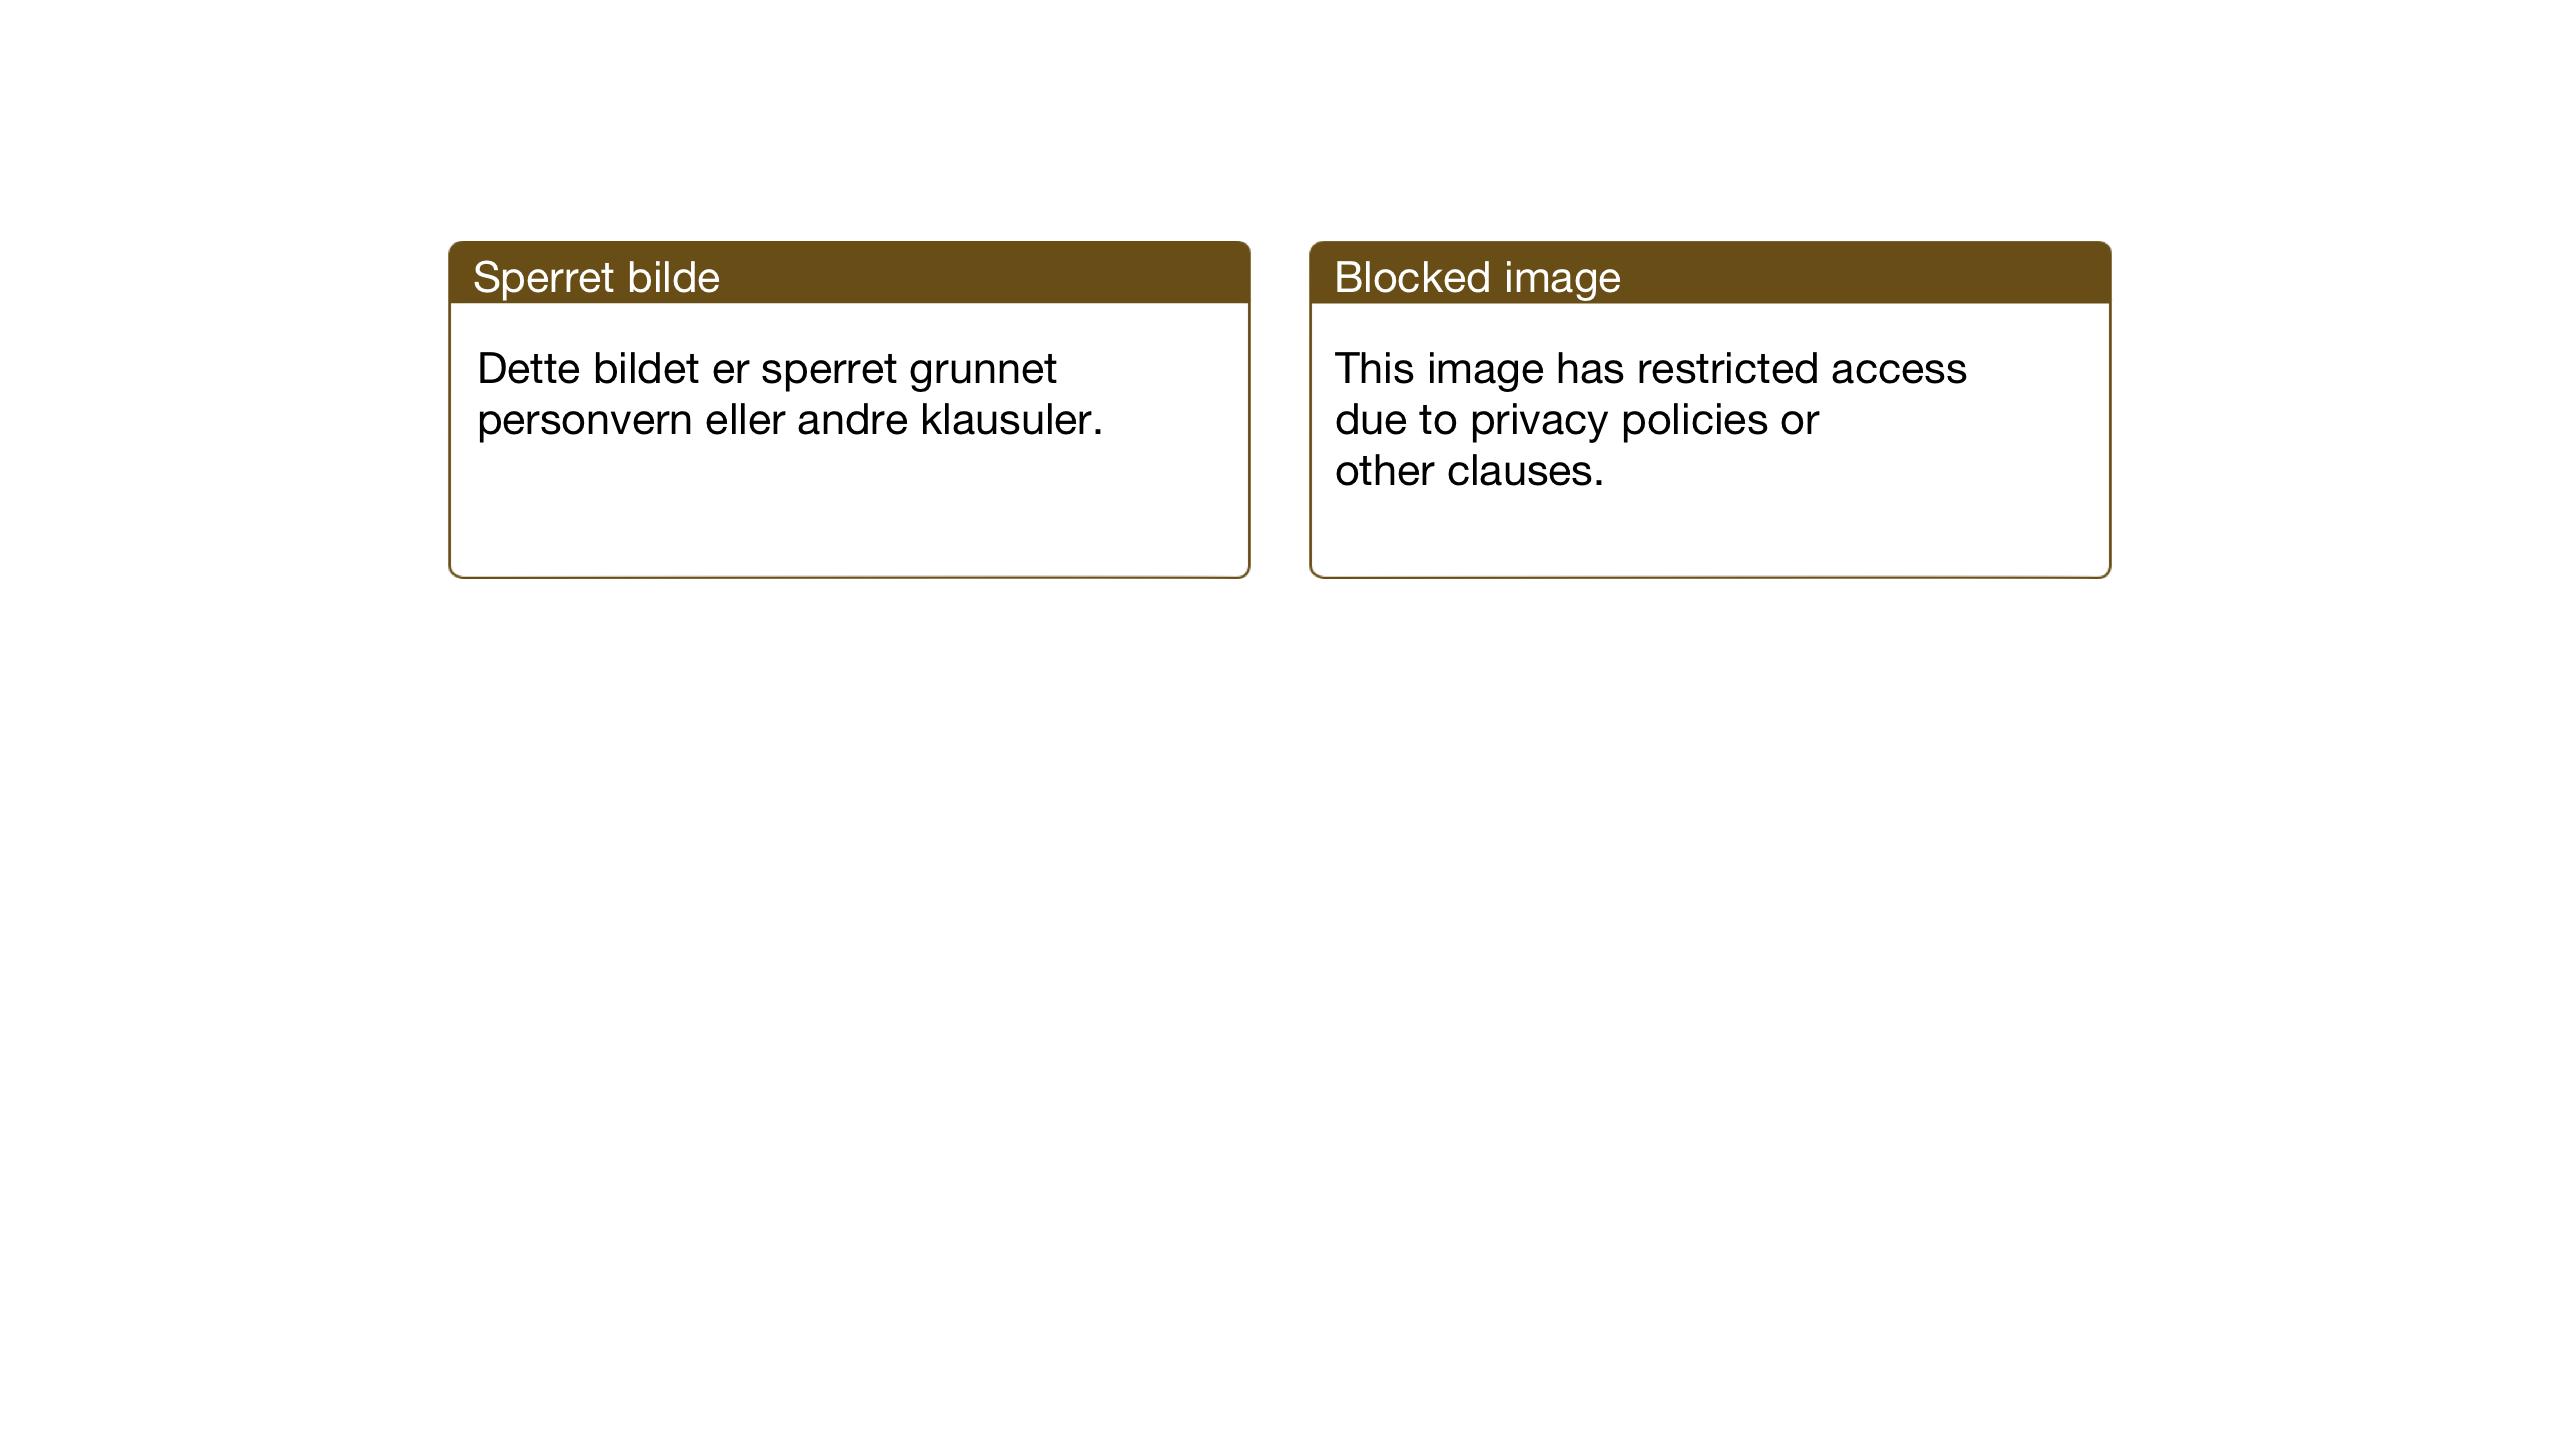 SAT, Ministerialprotokoller, klokkerbøker og fødselsregistre - Sør-Trøndelag, 607/L0328: Klokkerbok nr. 607C02, 1940-1948, s. 96